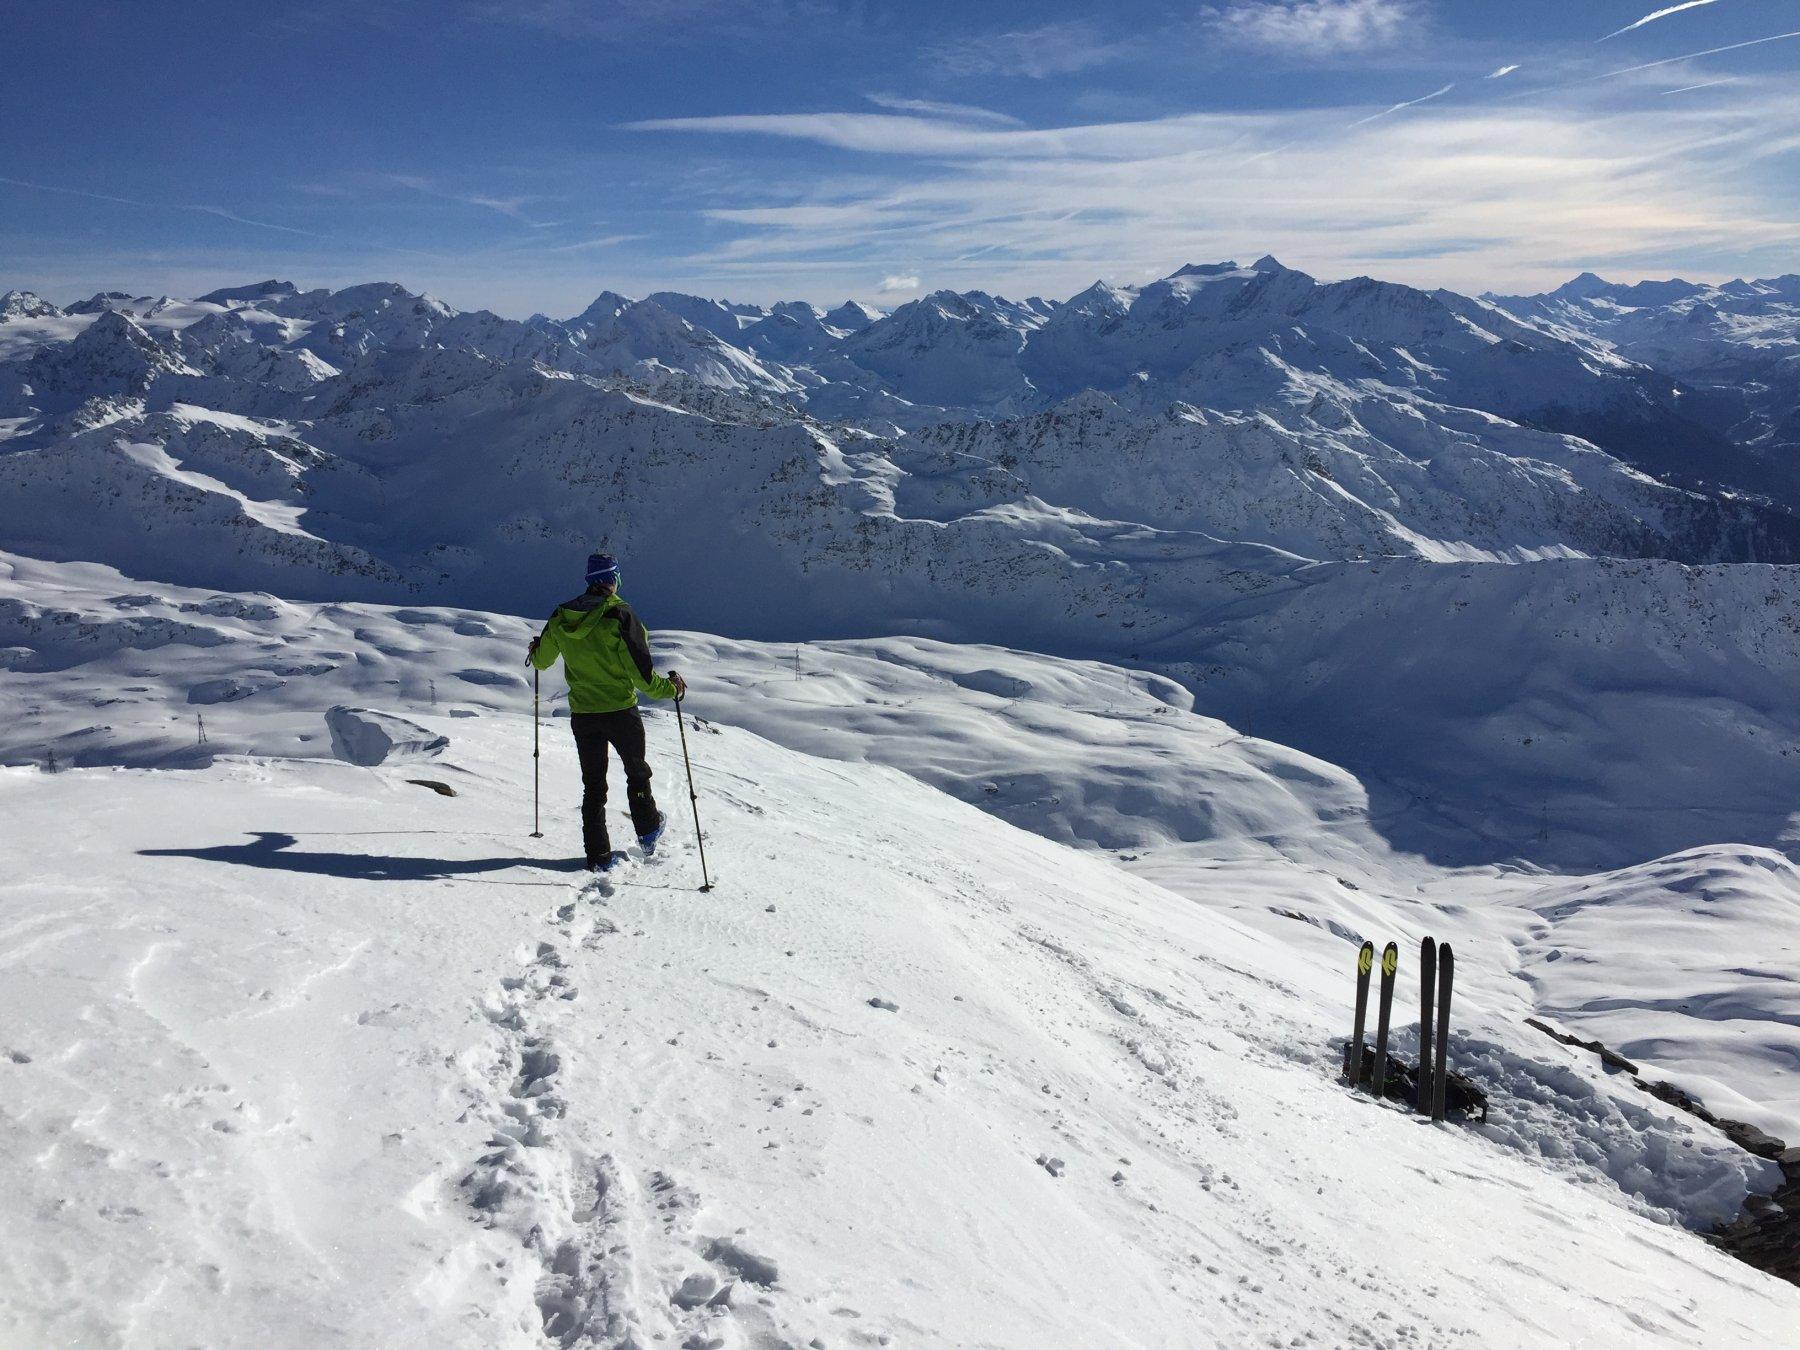 parte finale a piedi, e comodo deposito sci..